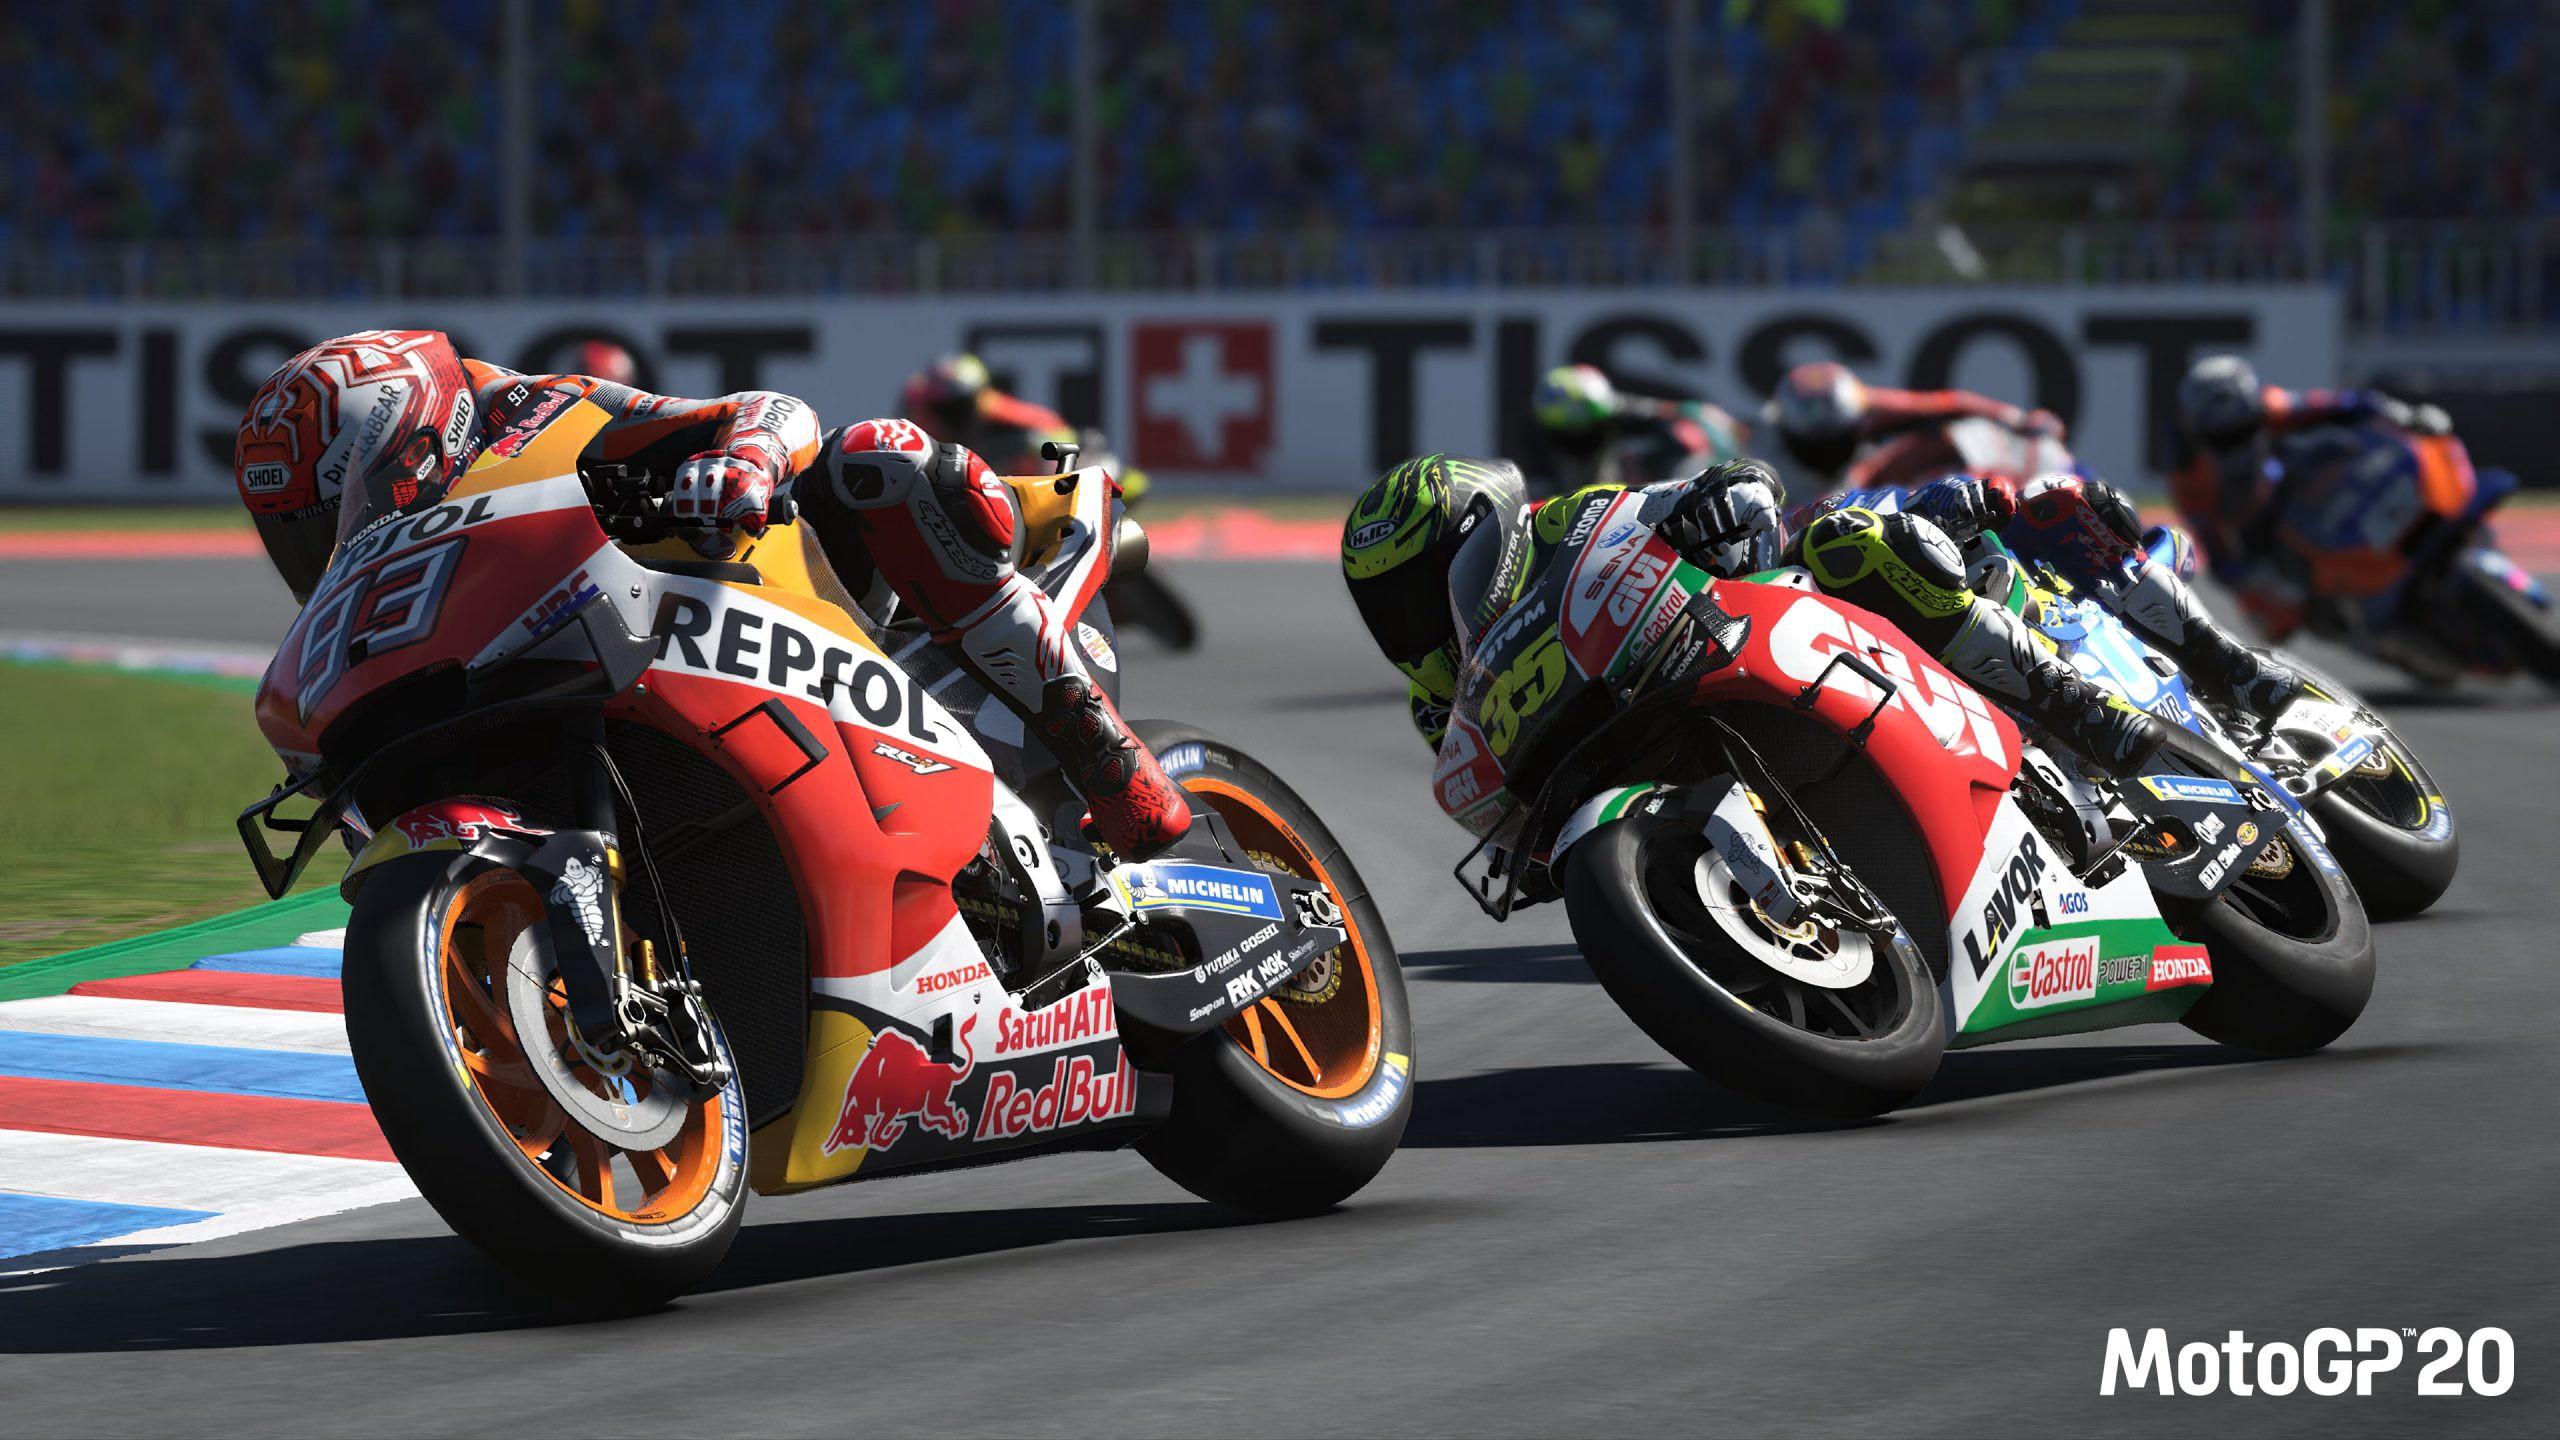 Oznámen nový ročník závodní série MotoGP 20